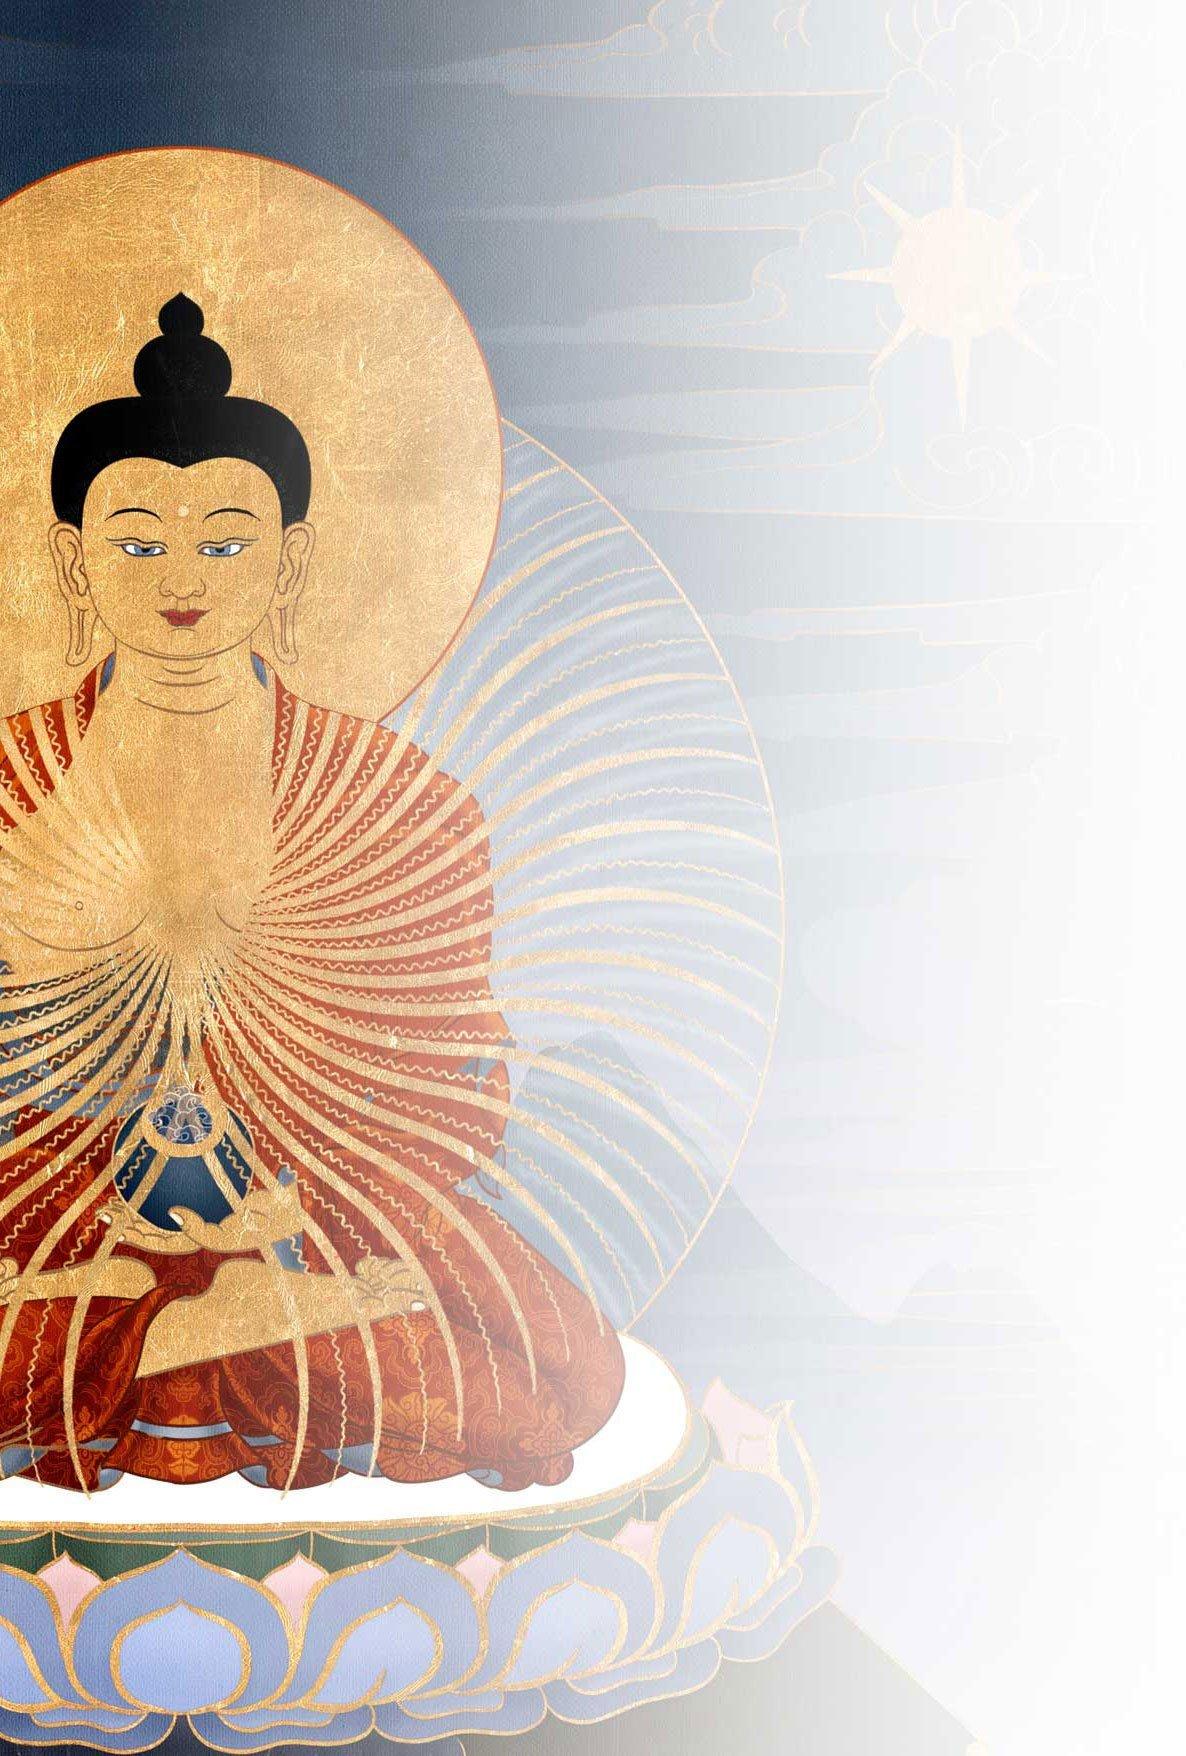 Shakyamuni Buddha background 2